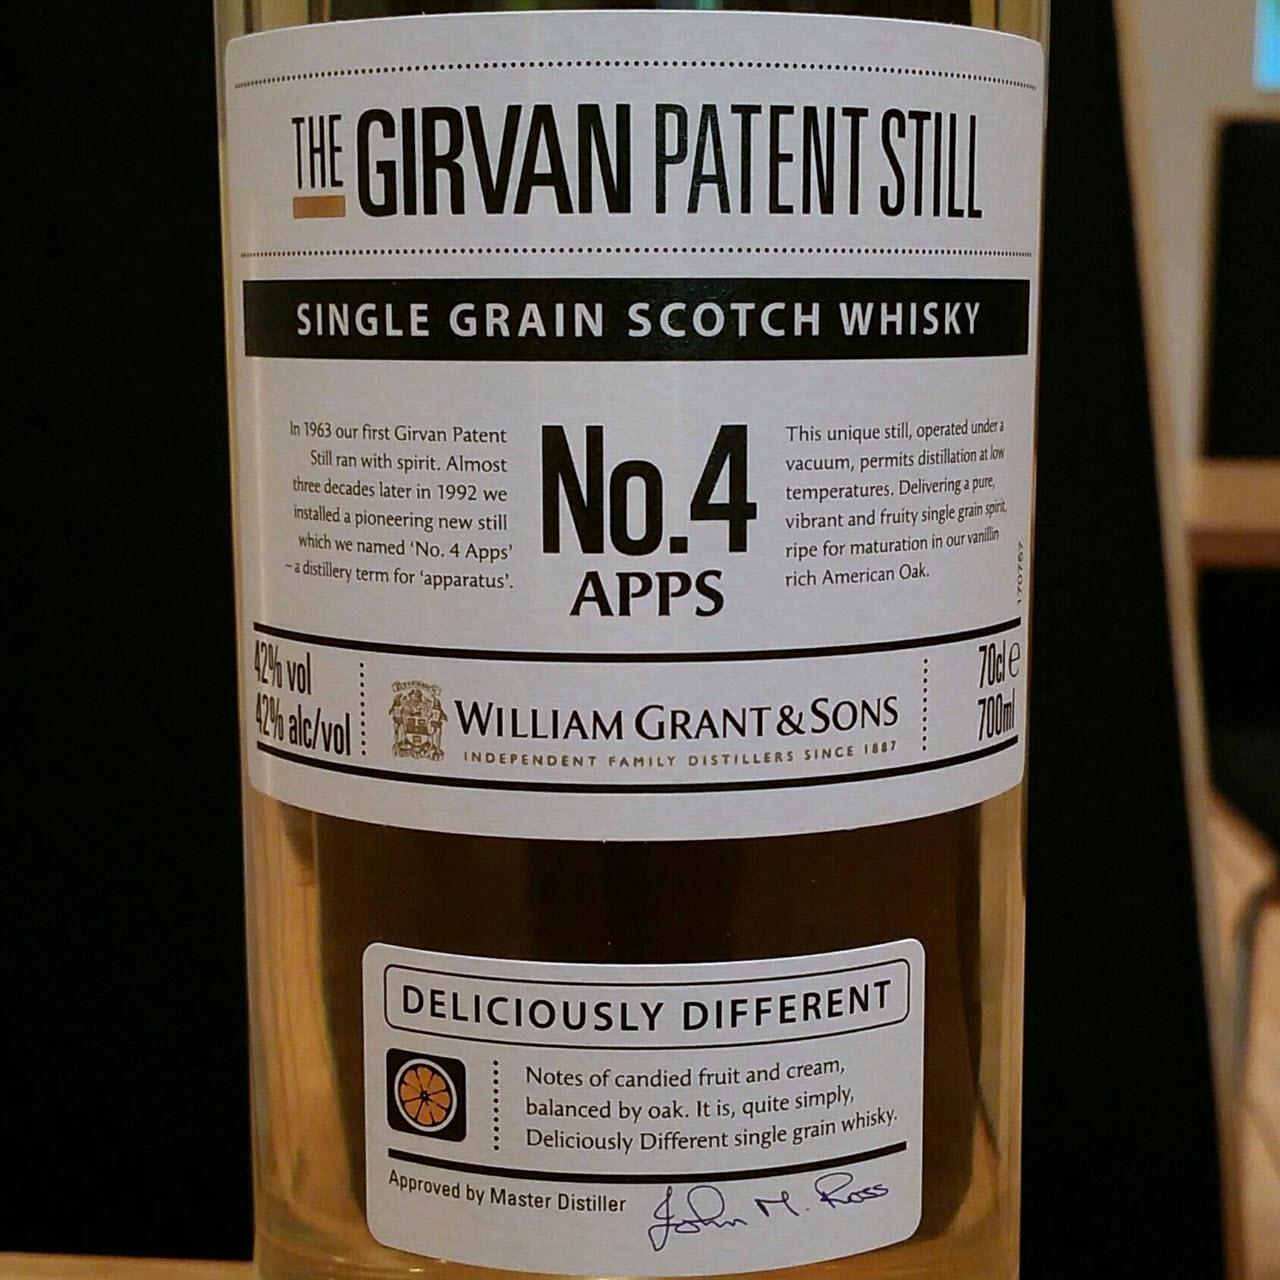 Girvan Patent Still No. 4 Apps